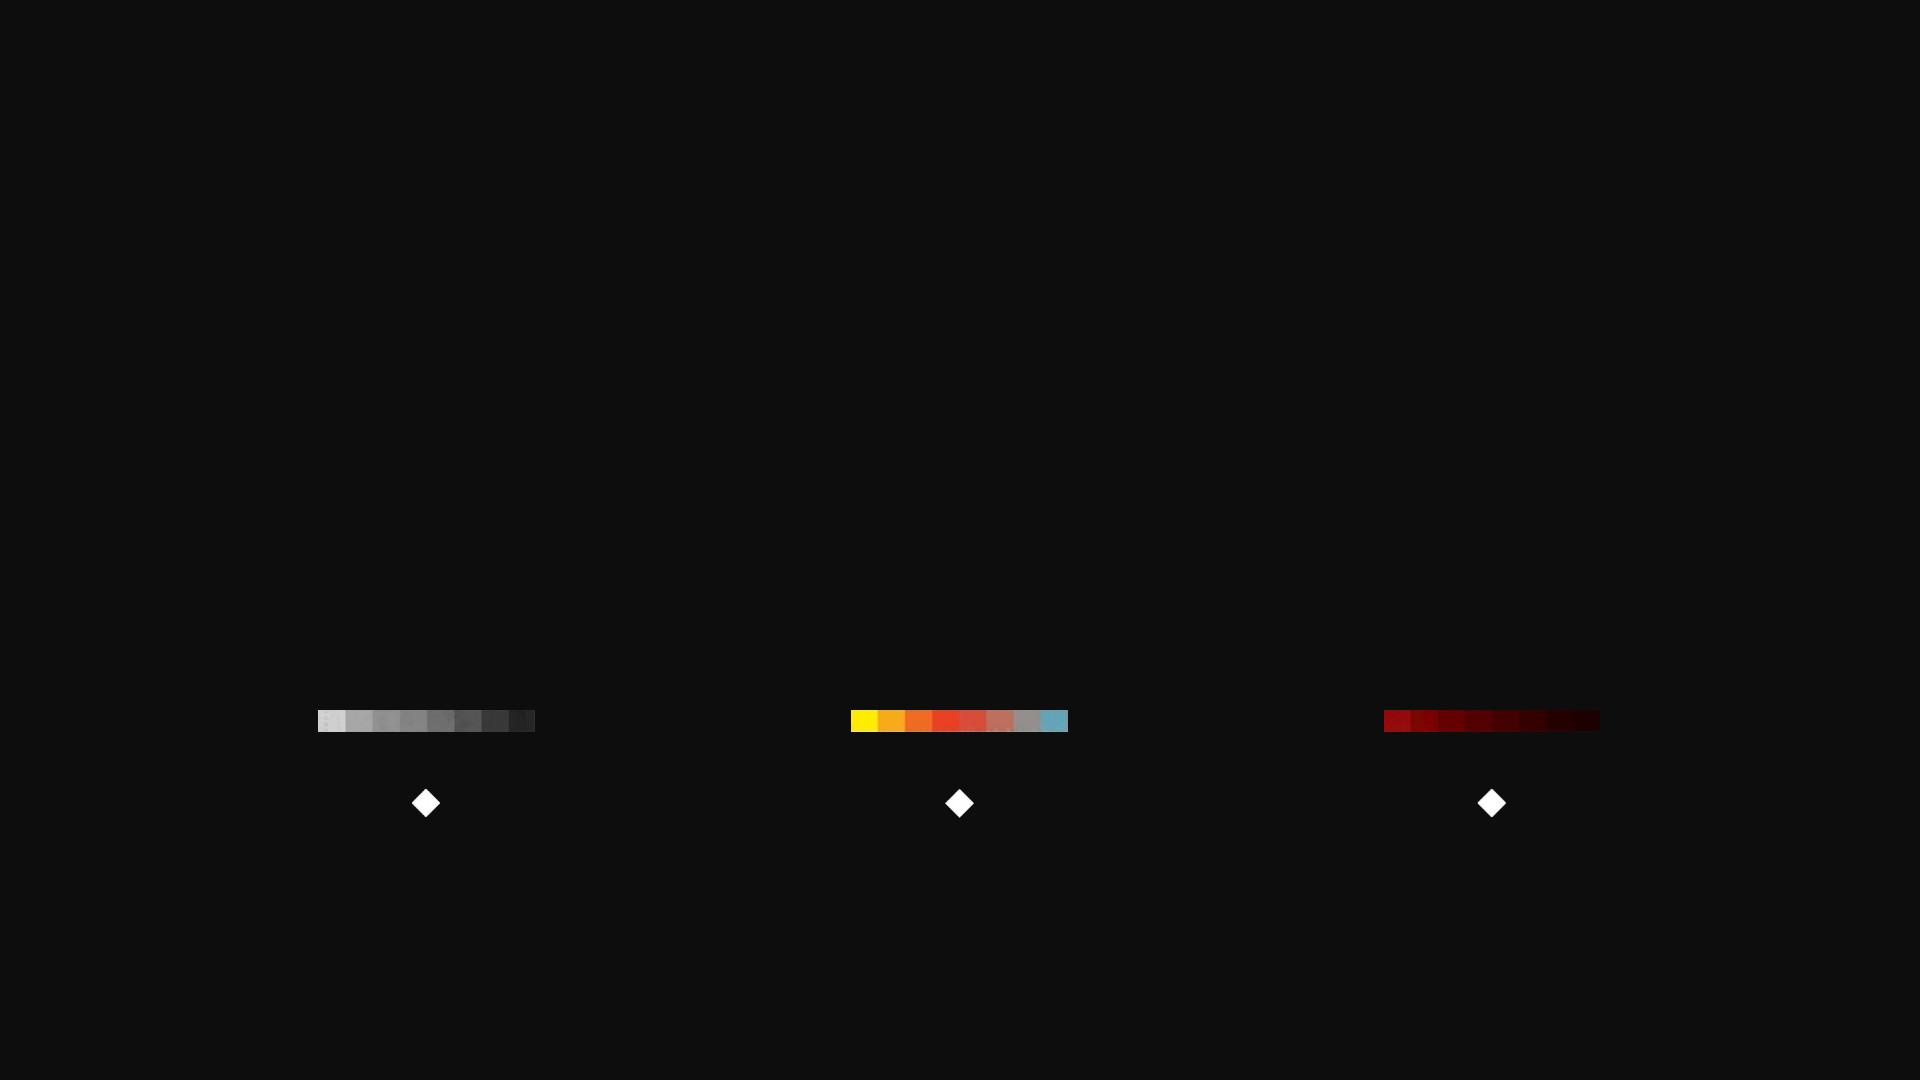 2550x1633 Music - The Weeknd Wallpaper